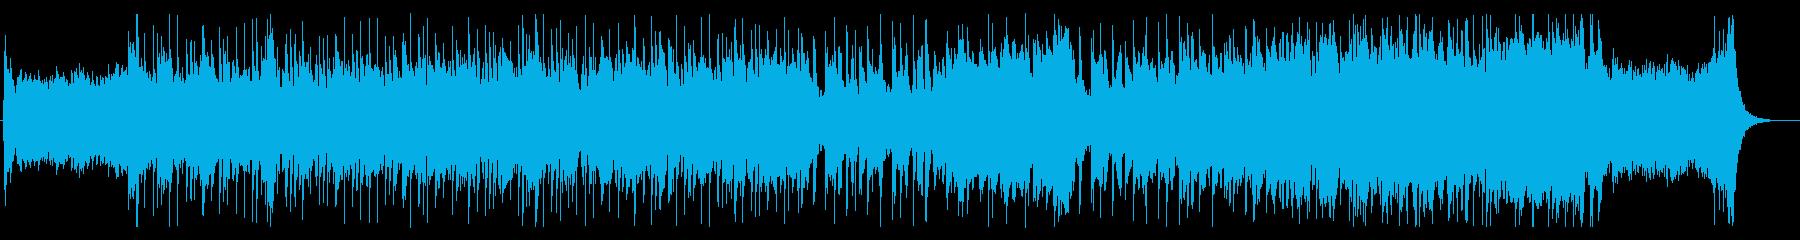 明るくアップテンポのオーケストラの曲の再生済みの波形